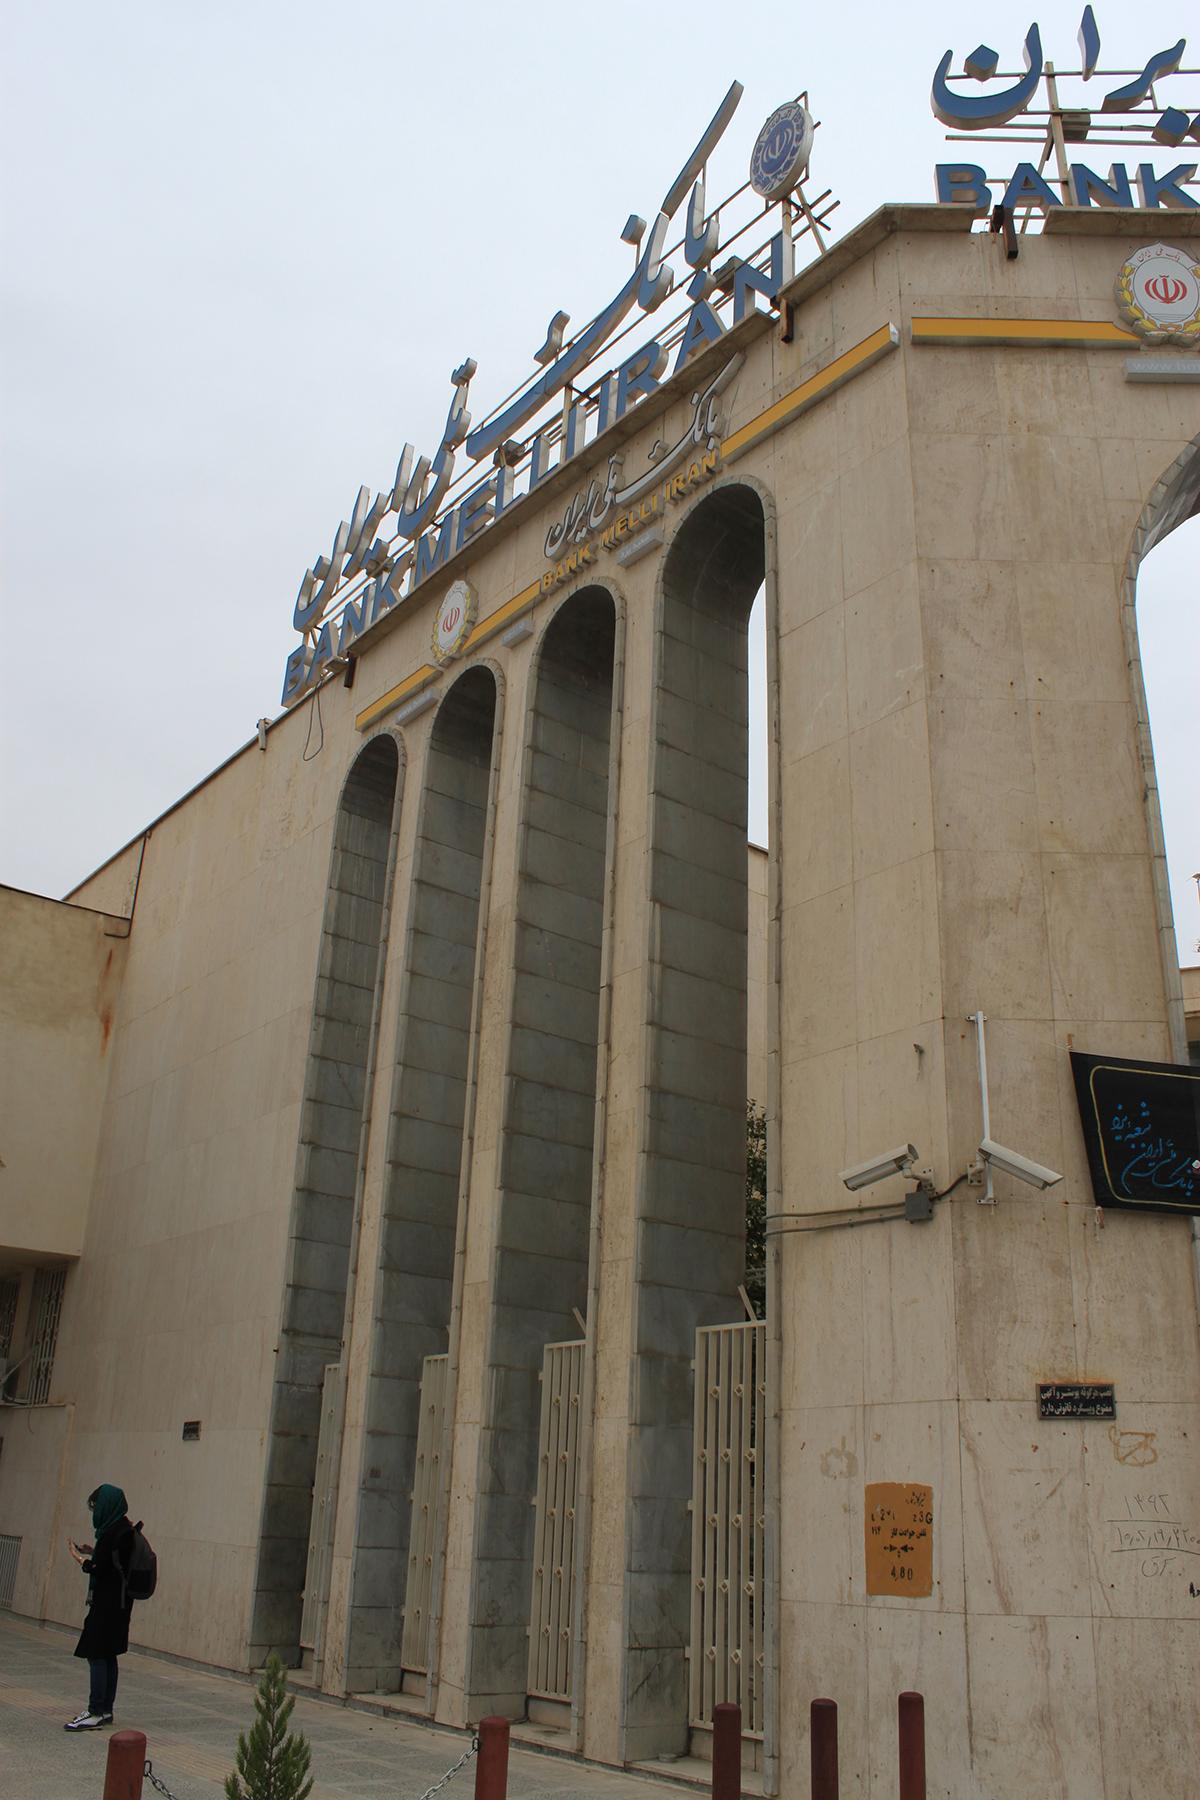 تصویر 2 - جداره متخلخل بانک ملی با طاق های بلند واقع در ابتدای خیابان مسجد جامع یزد، منبع: نگارنده